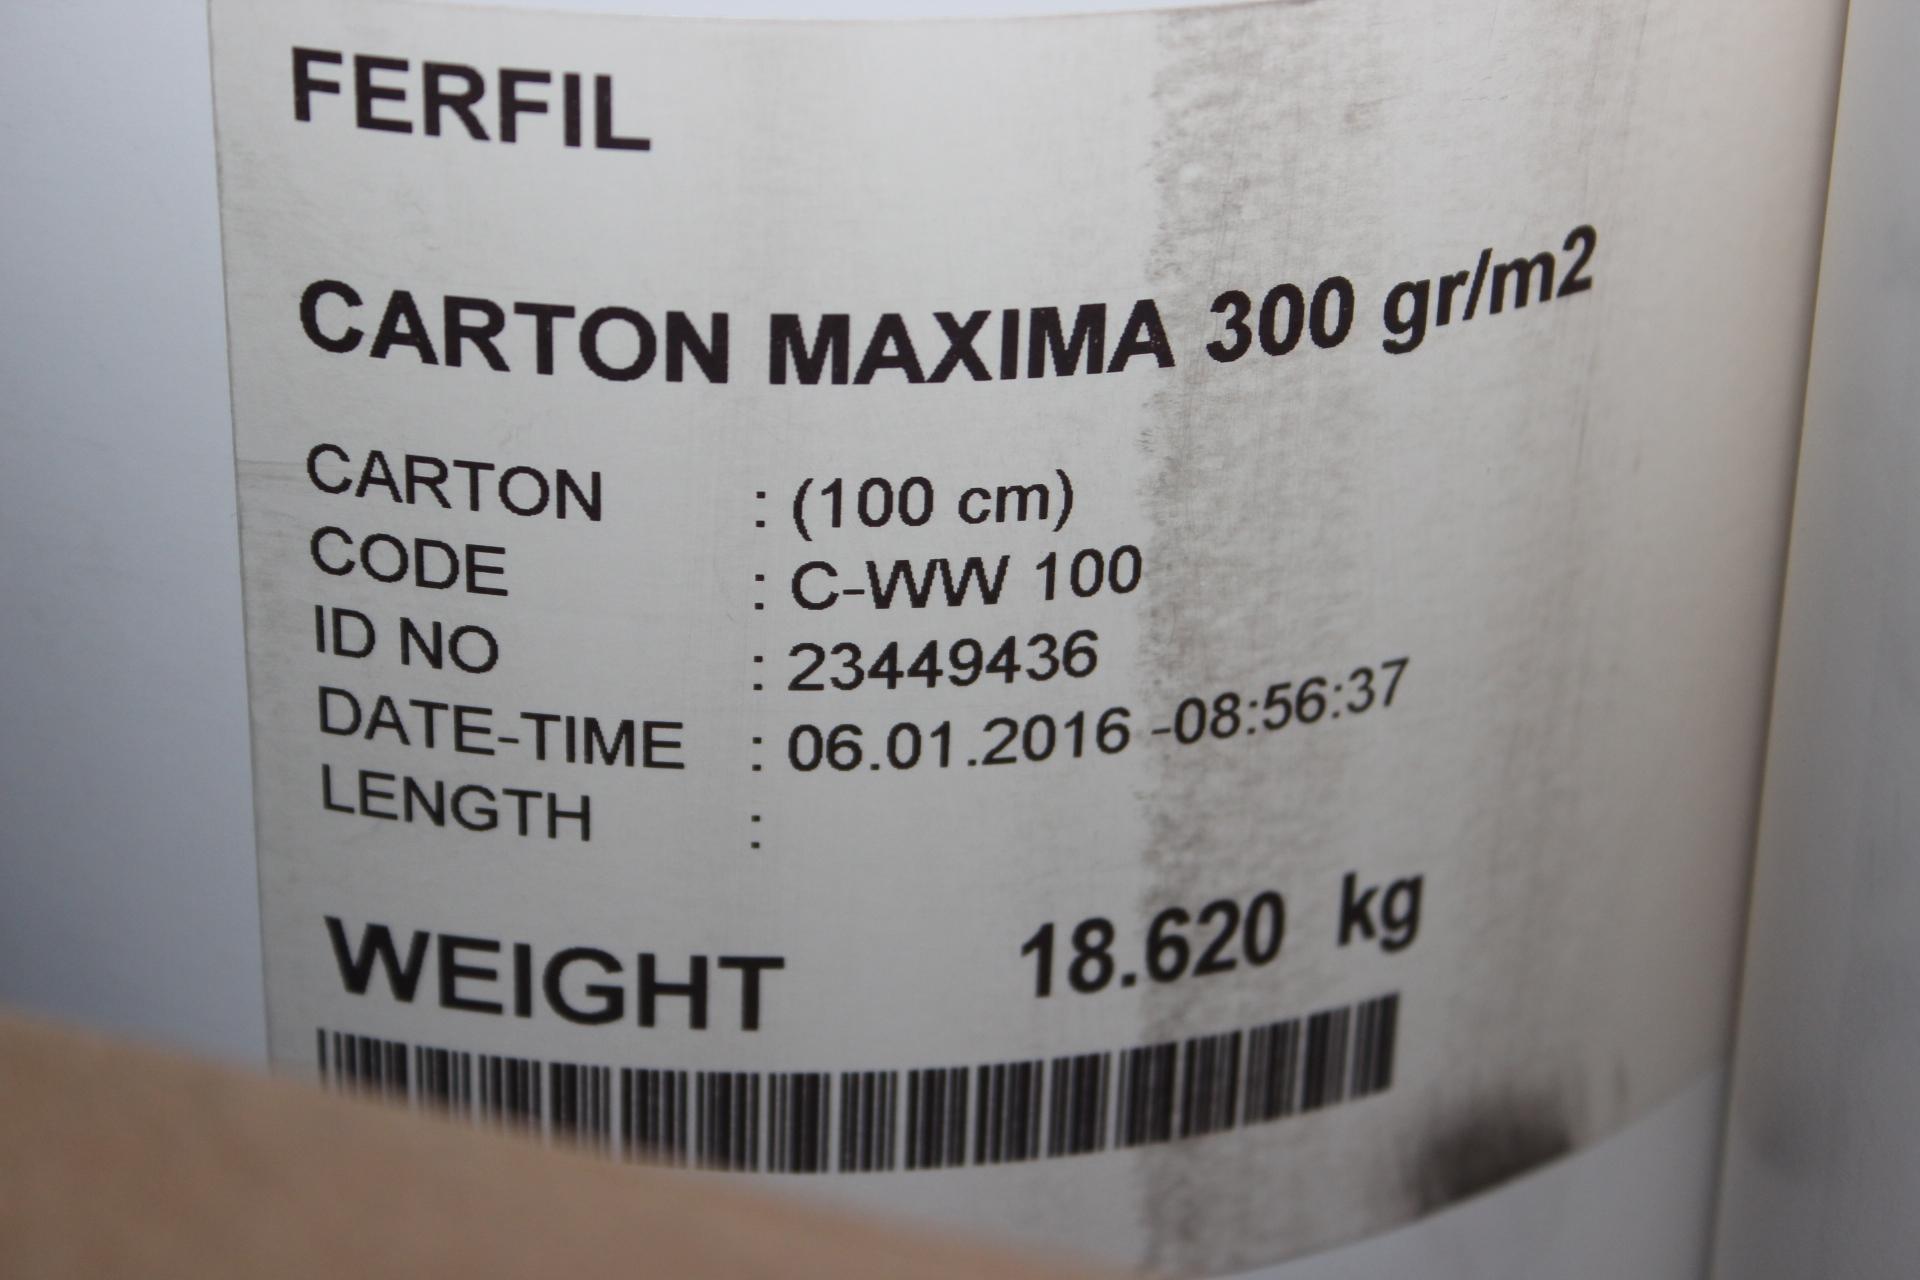 CARTOLINA BRANCA PARA MOLDES 300Grs 100Cms